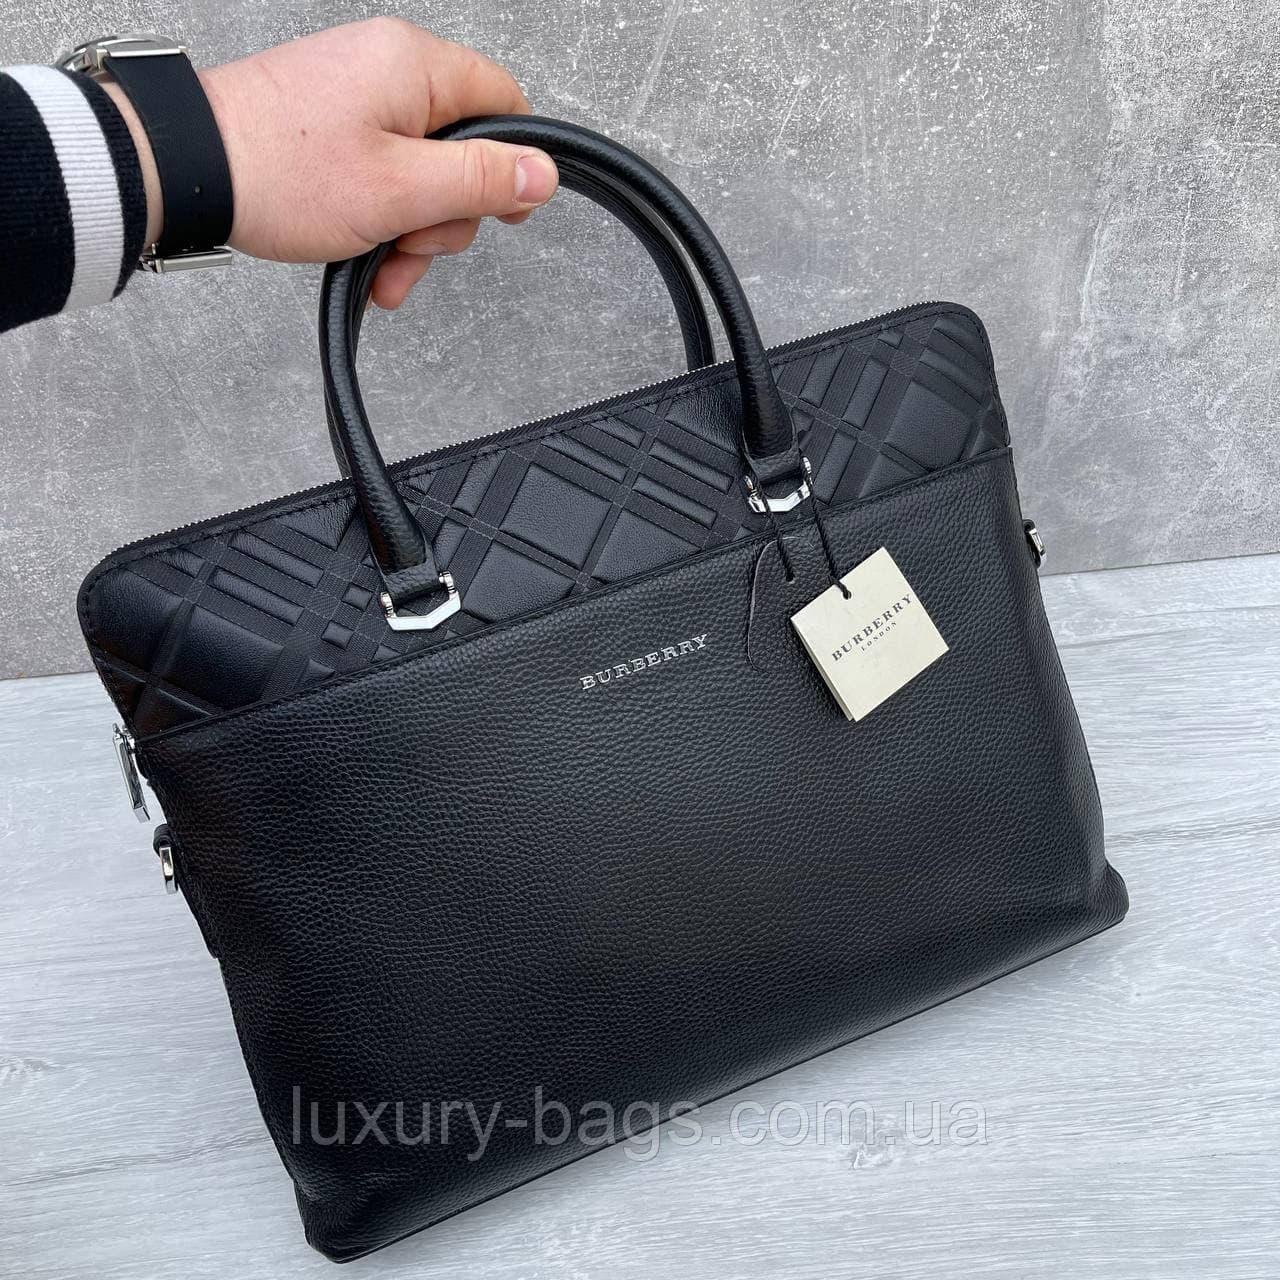 Мужской деловой кожаный портфель Burberry